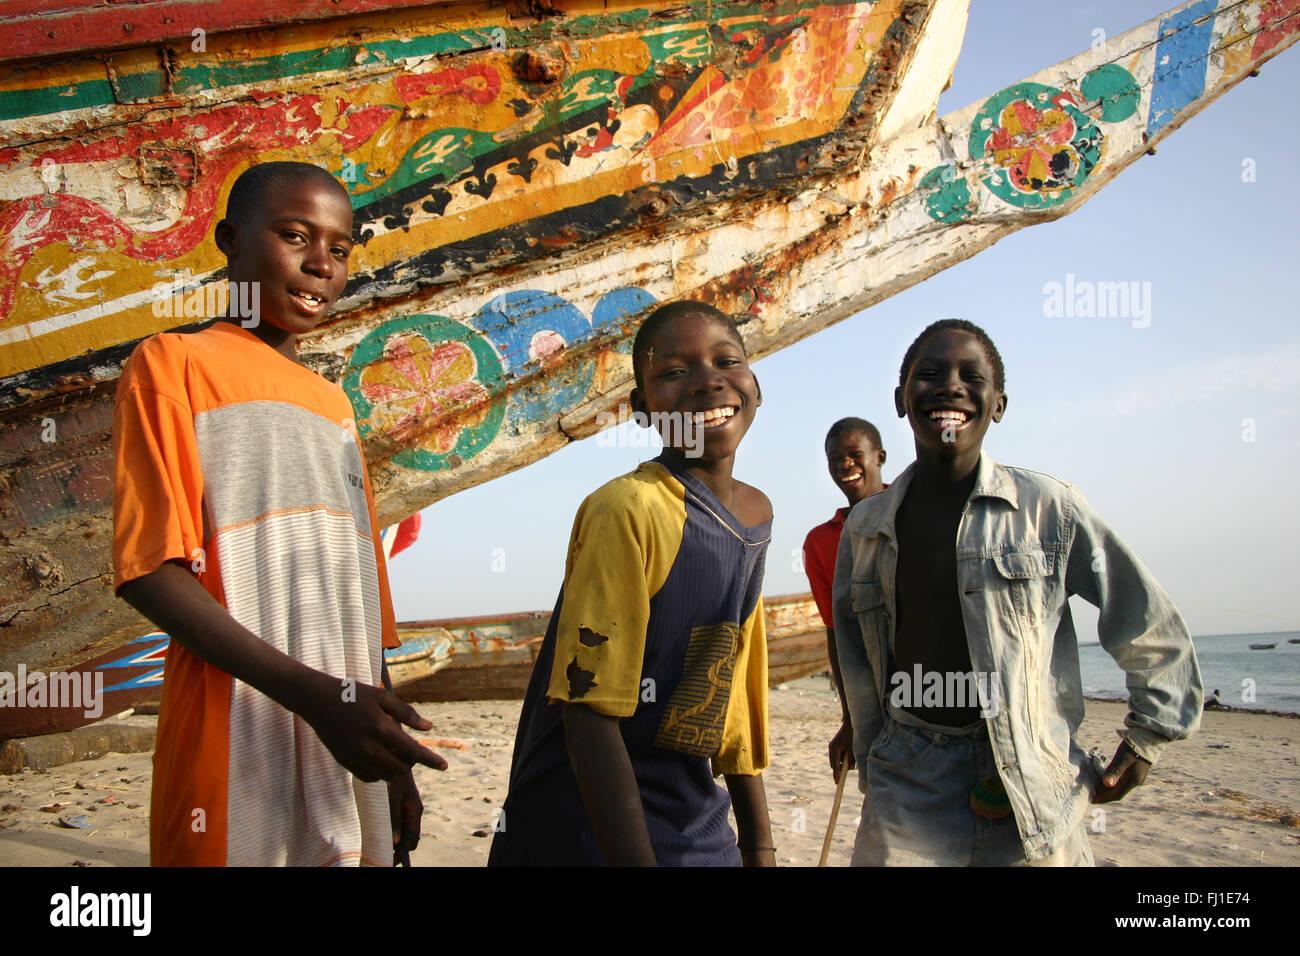 Les enfants Les enfants qui posent sur la plage de Joal Fadiouth , Sénégal , en face d'un canot traditionnel Photo Stock